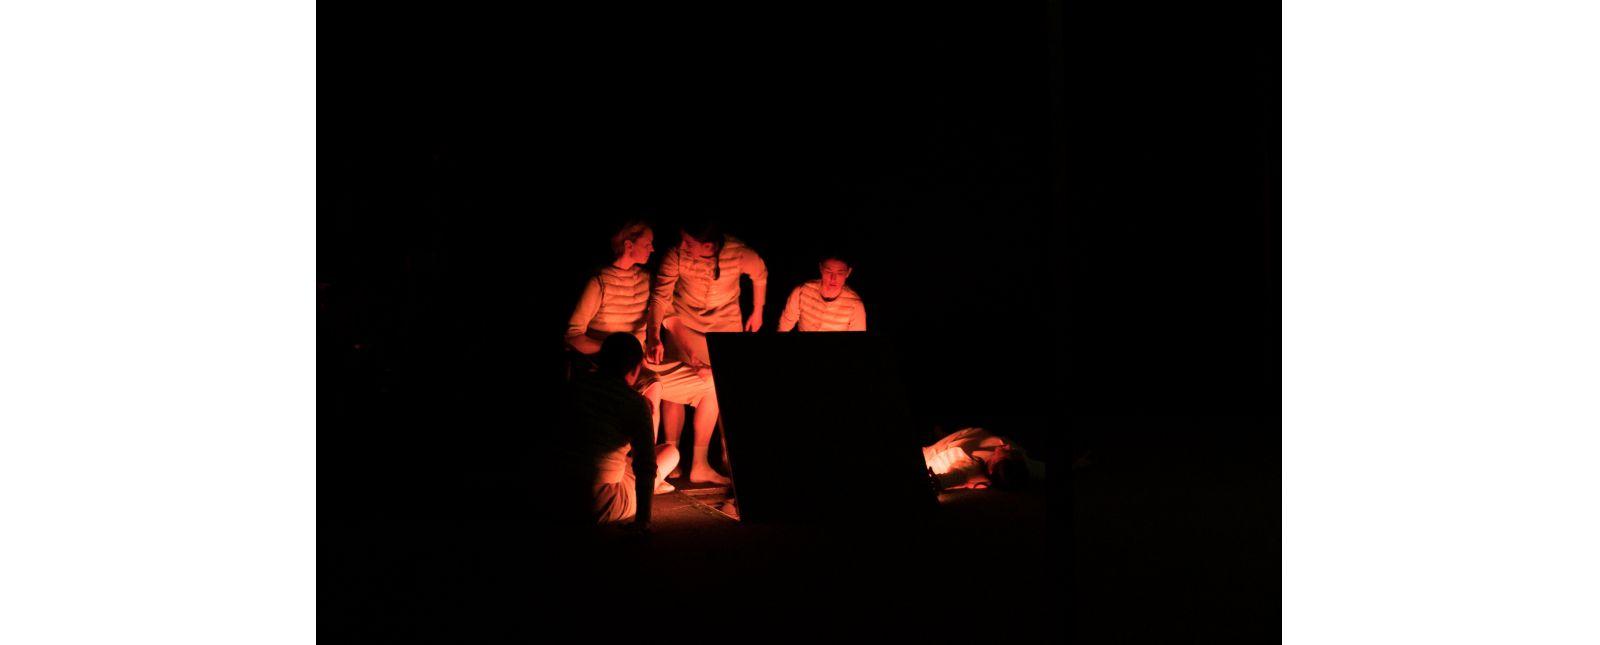 The Quiet // Jefta van Dinther // 2019 // Ben Mergelsberg